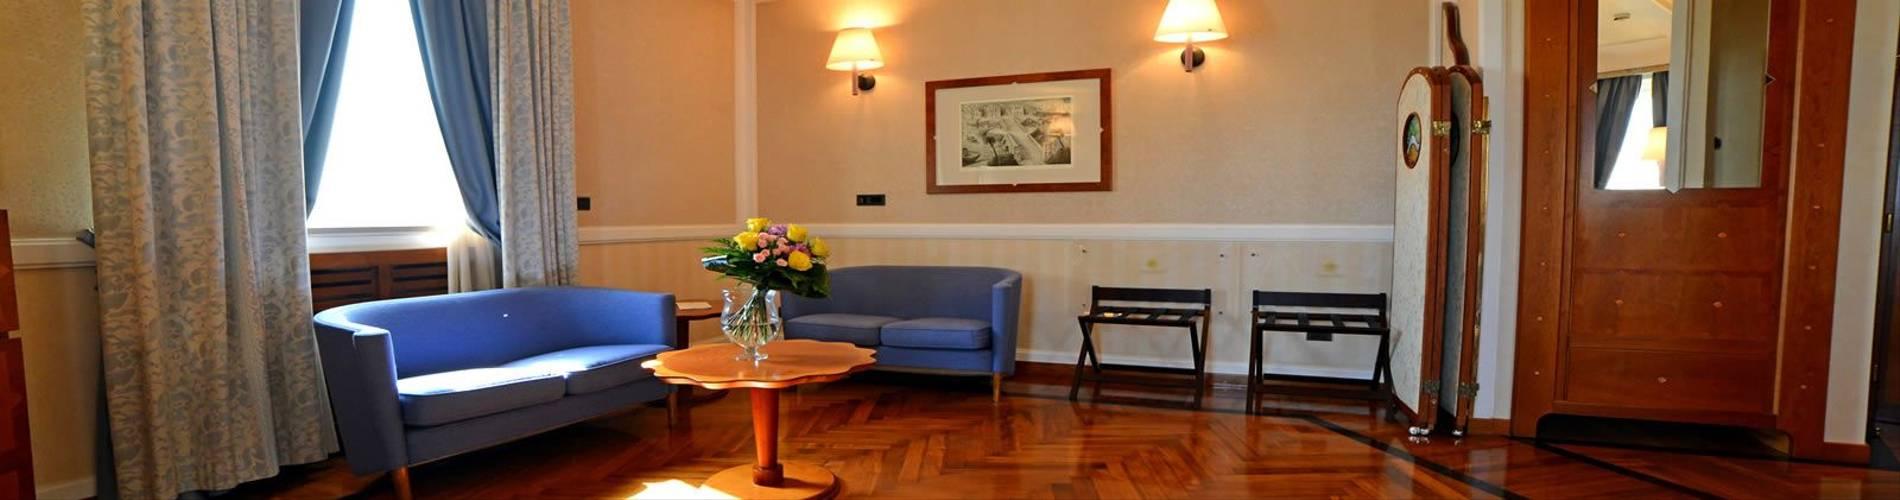 Grand Hotel Ortigia, Sicily, Italy, Alfeo Suite.jpg